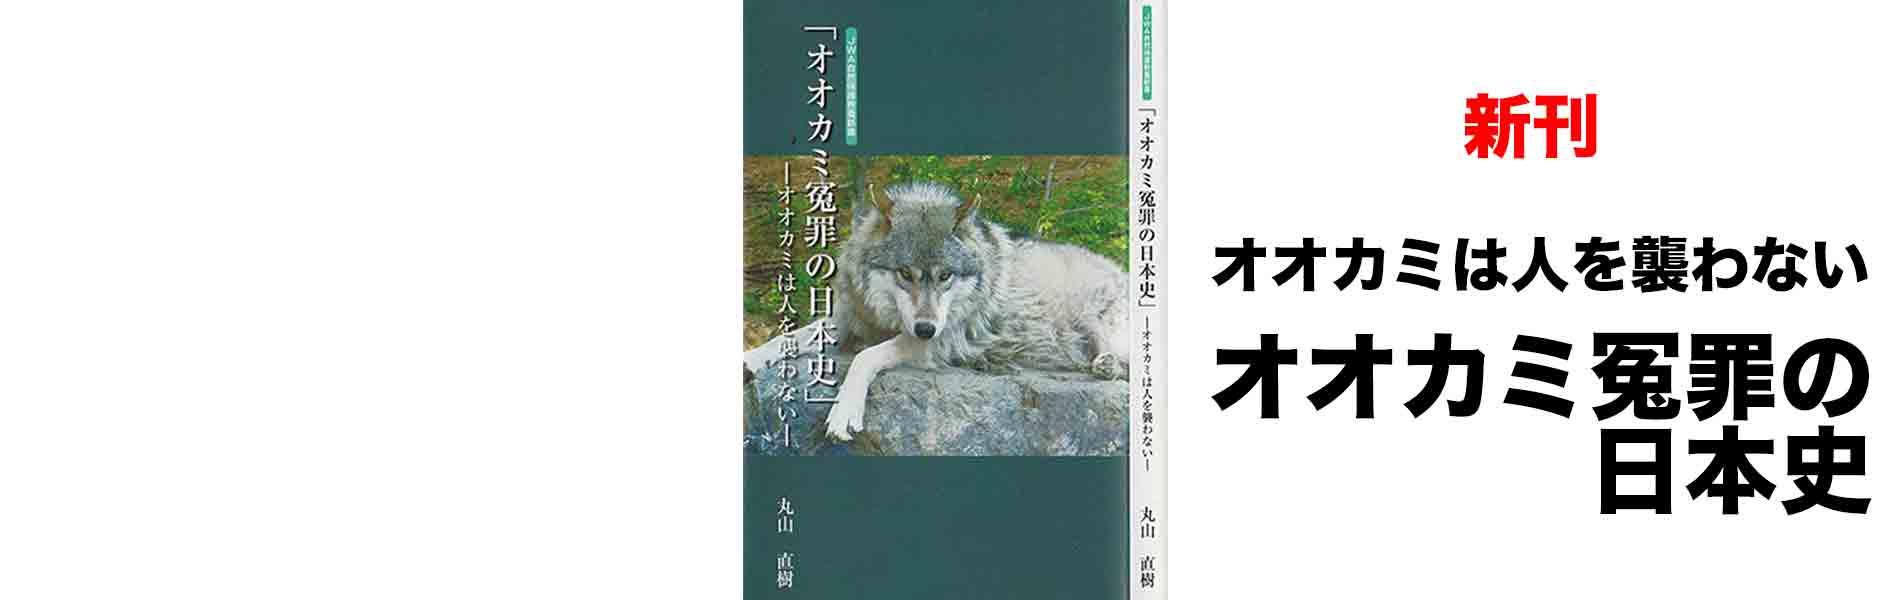 丸山直樹著『オオカミ冤罪の日本史』